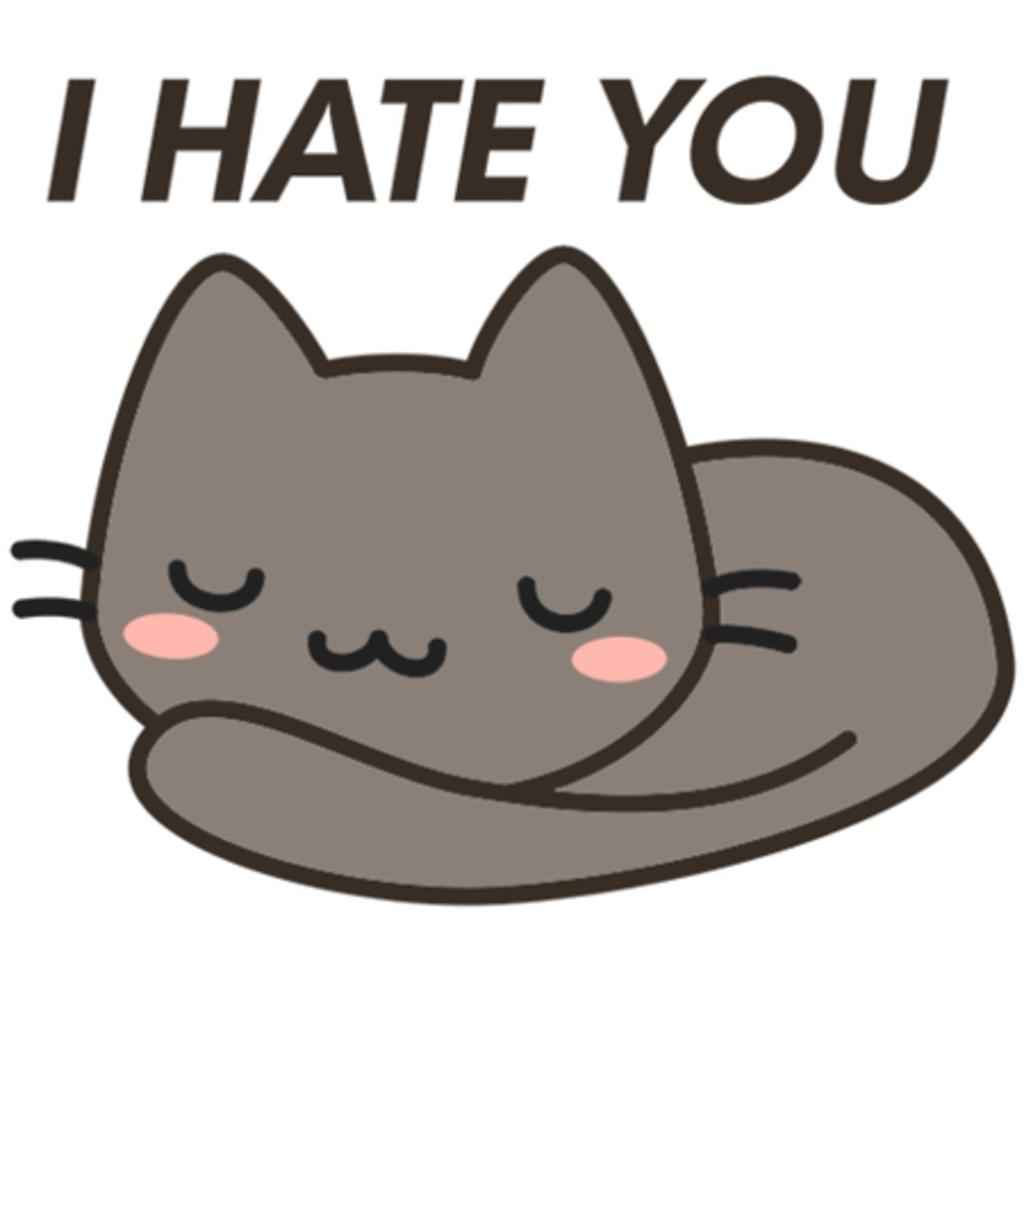 Qwertee: Honest cat